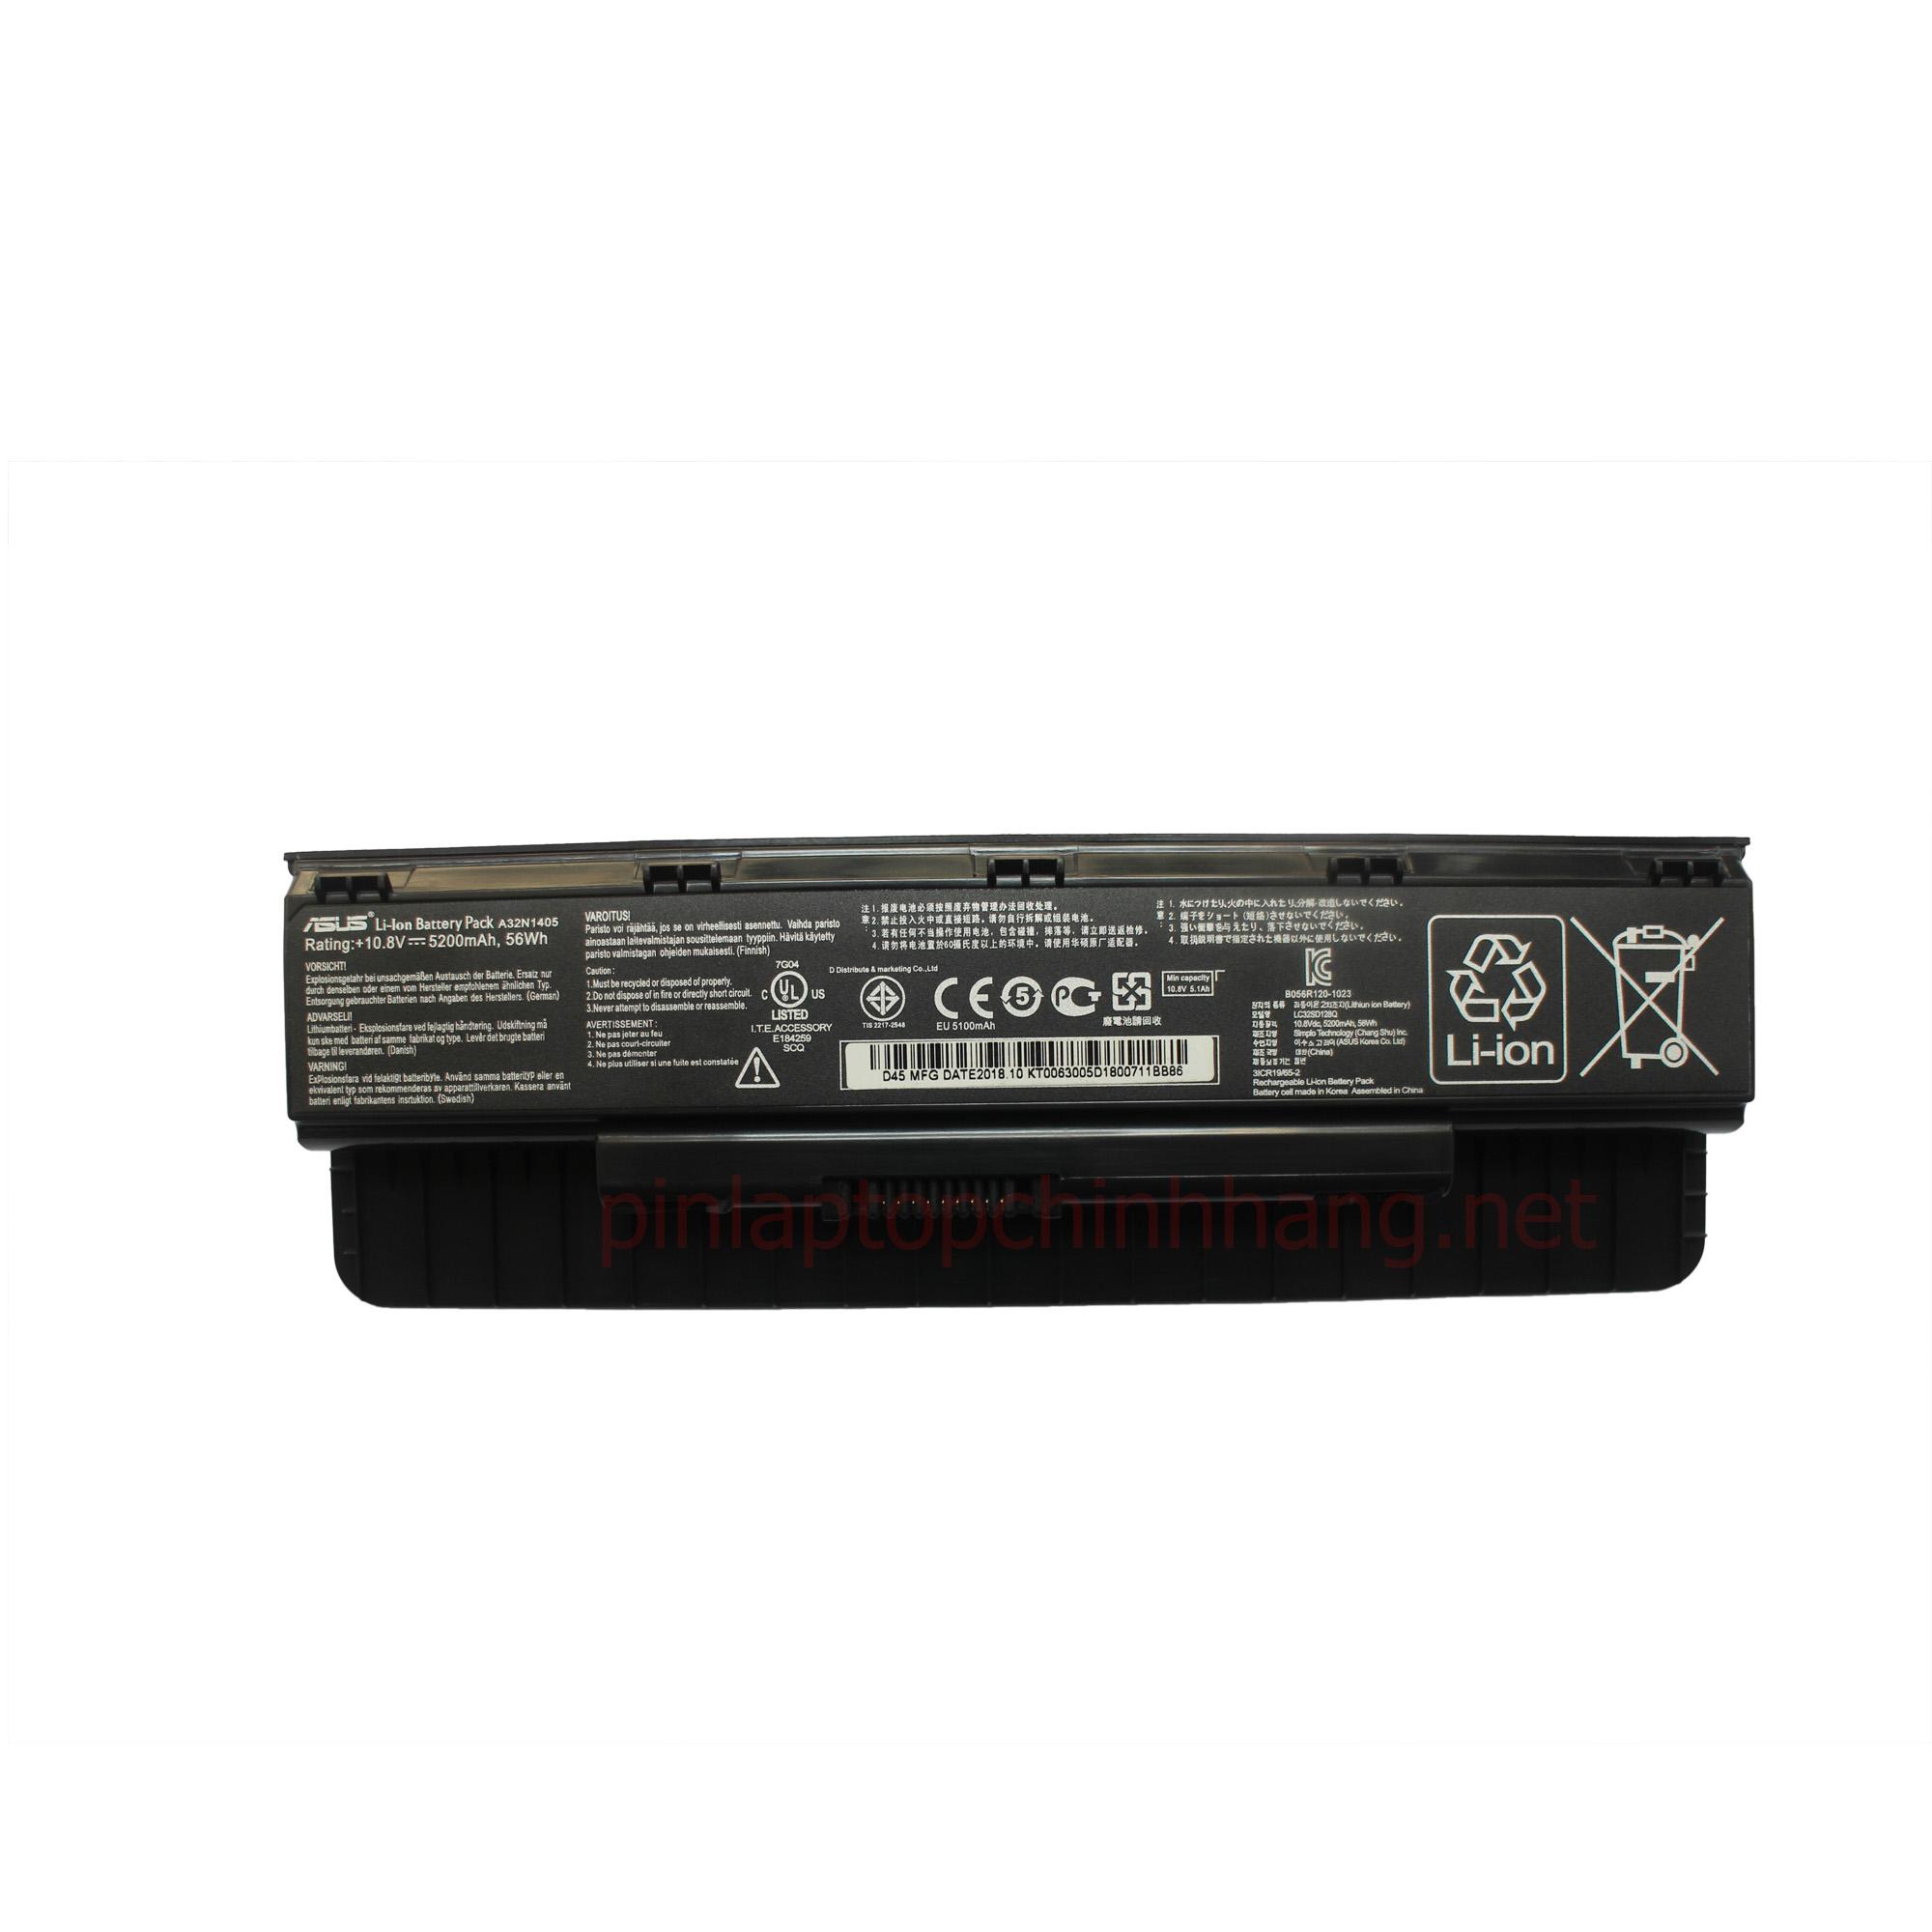 Battery Pin Laptop Chính hãng ASUS G551 G551J G551JK G551JM ROG G771 G771J G771JK A32N1405